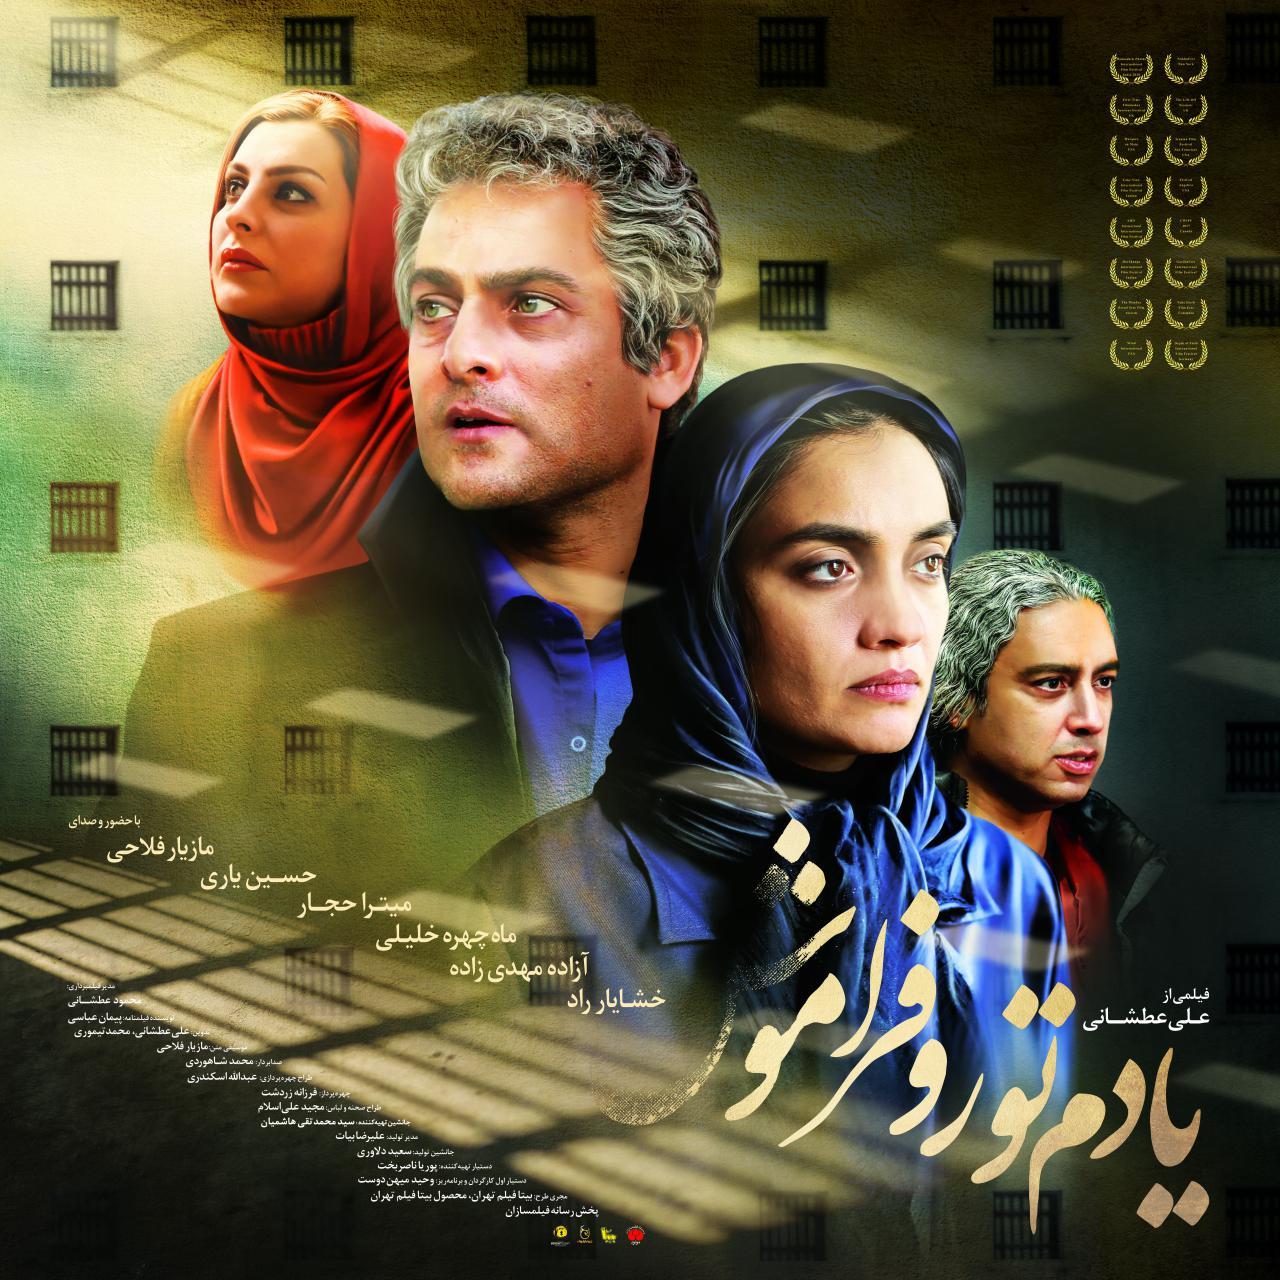 پوستر فیلم «یادم تو رو فراموش» ساخته علی عطشانی رونمایی شد